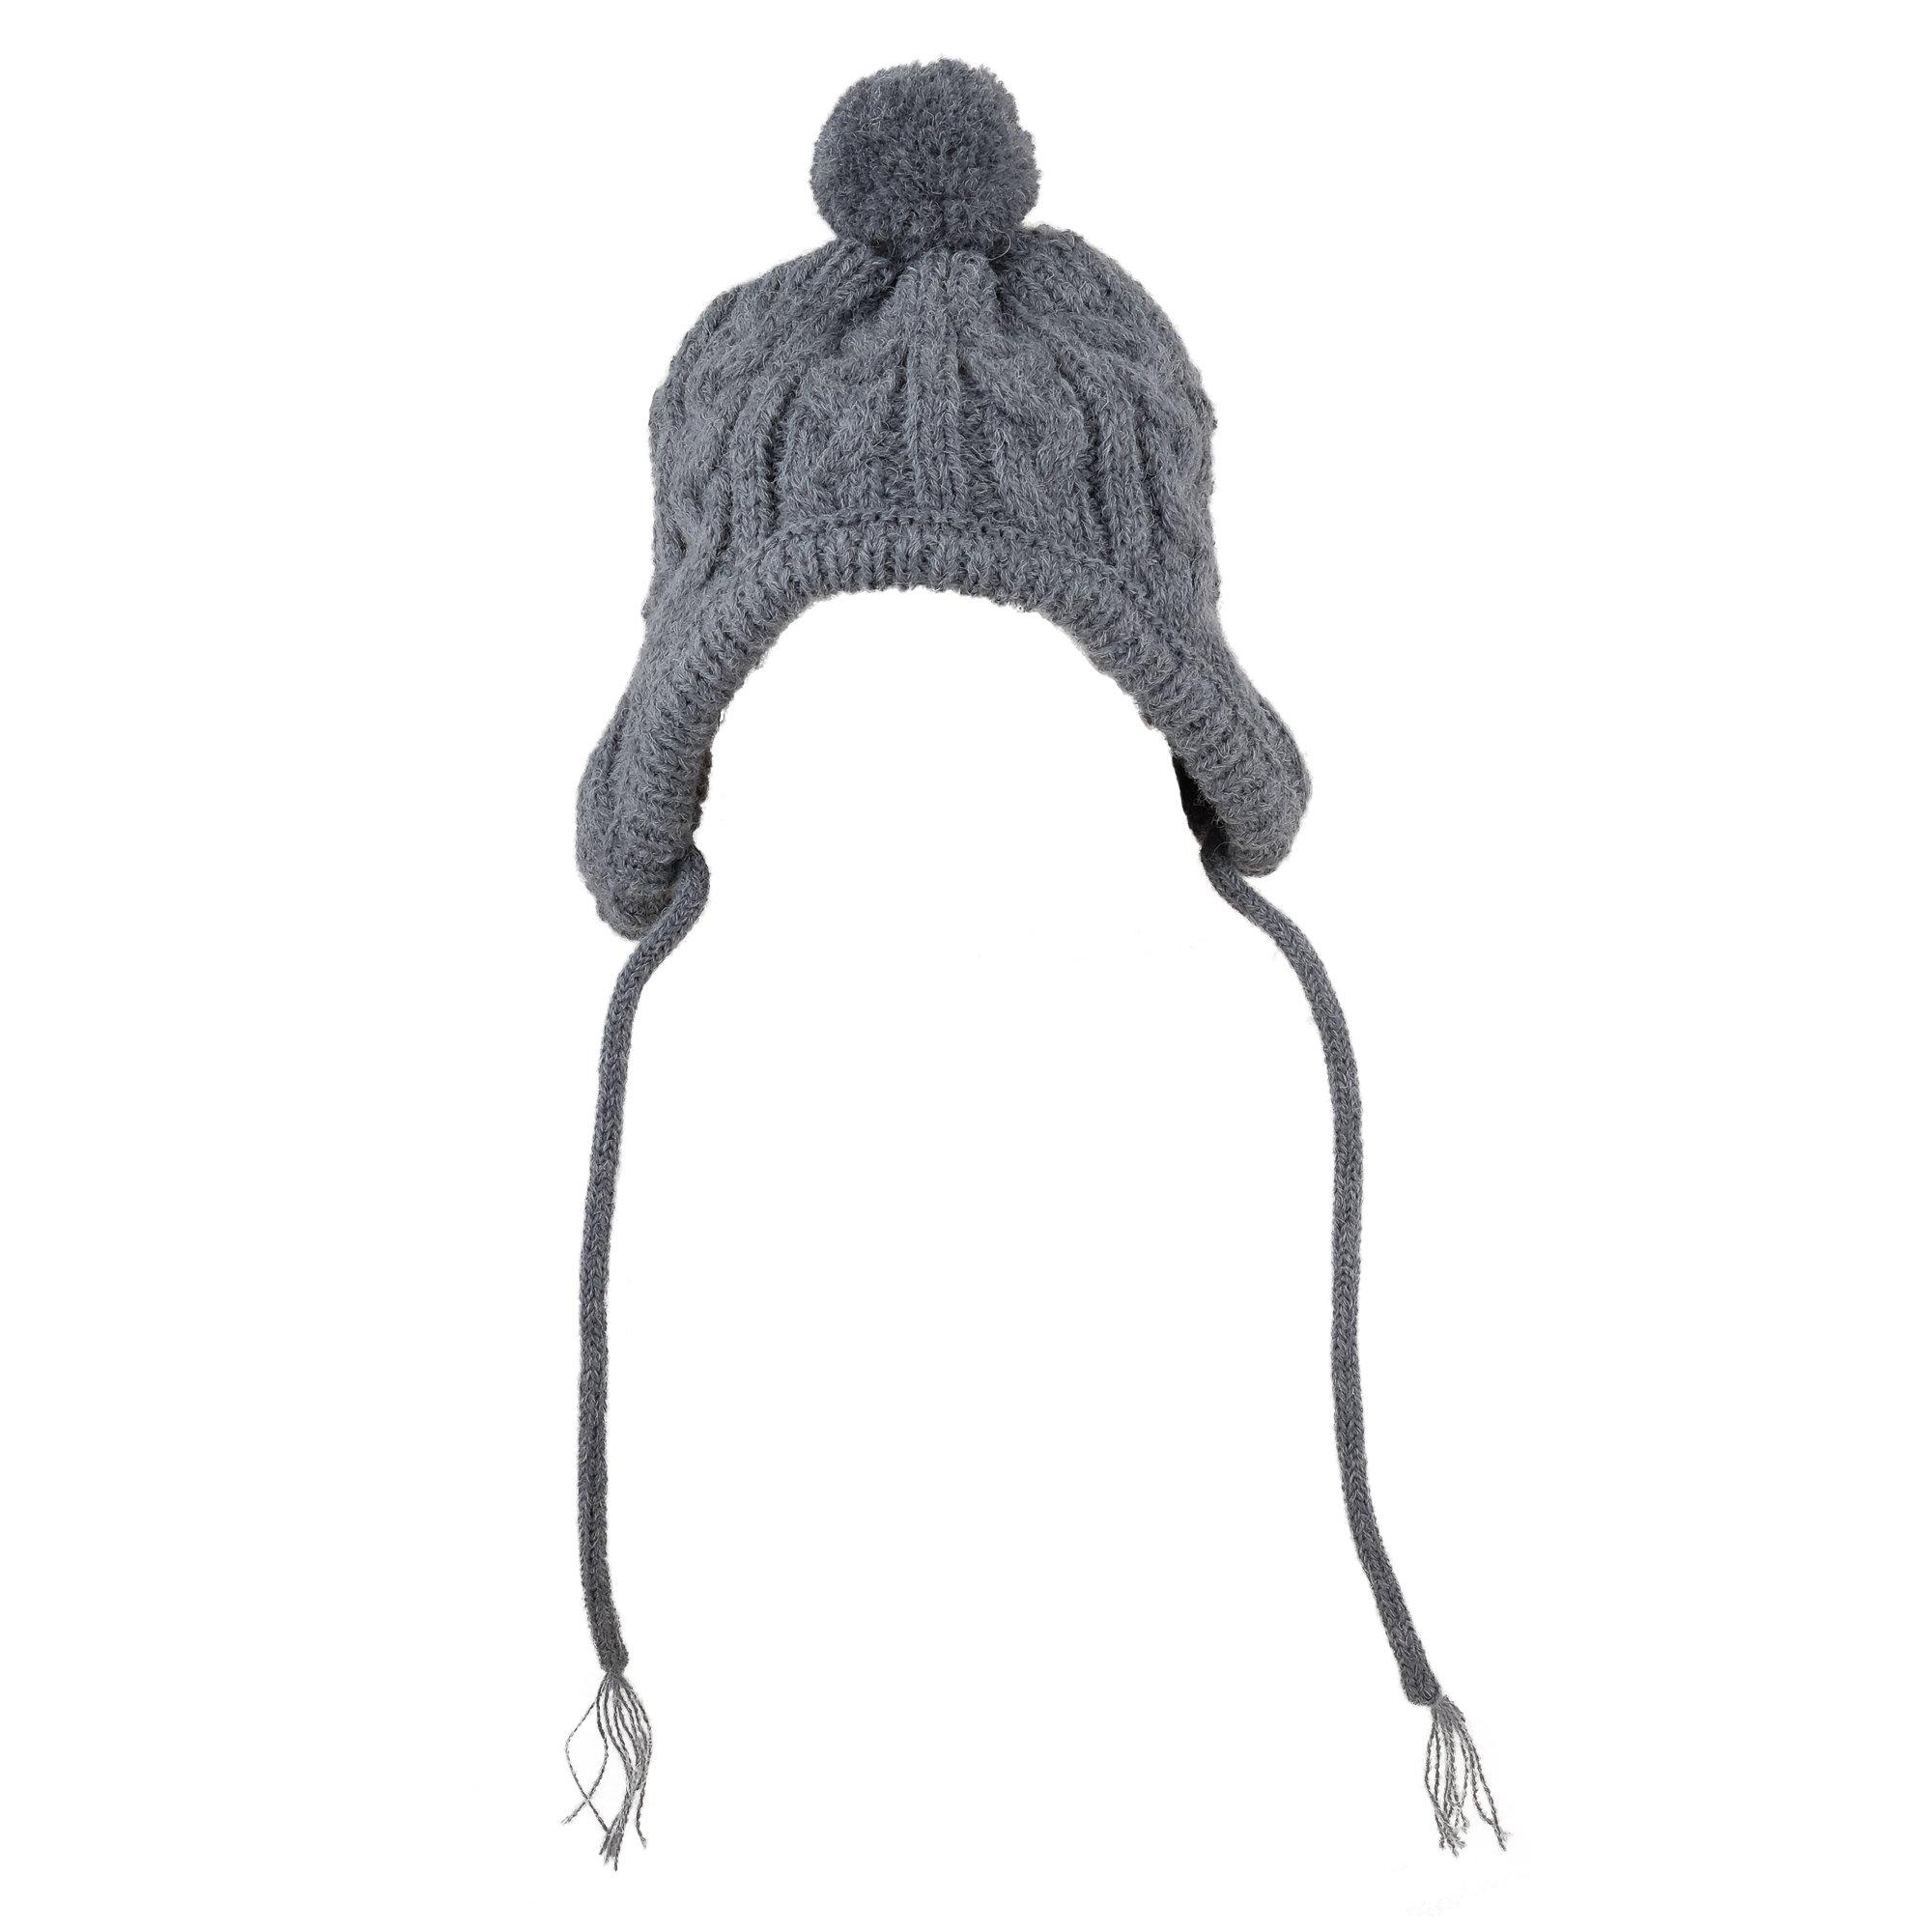 The Worthy Dog 5441 Toboggan Hat, Grey, M by The Worthy Dog